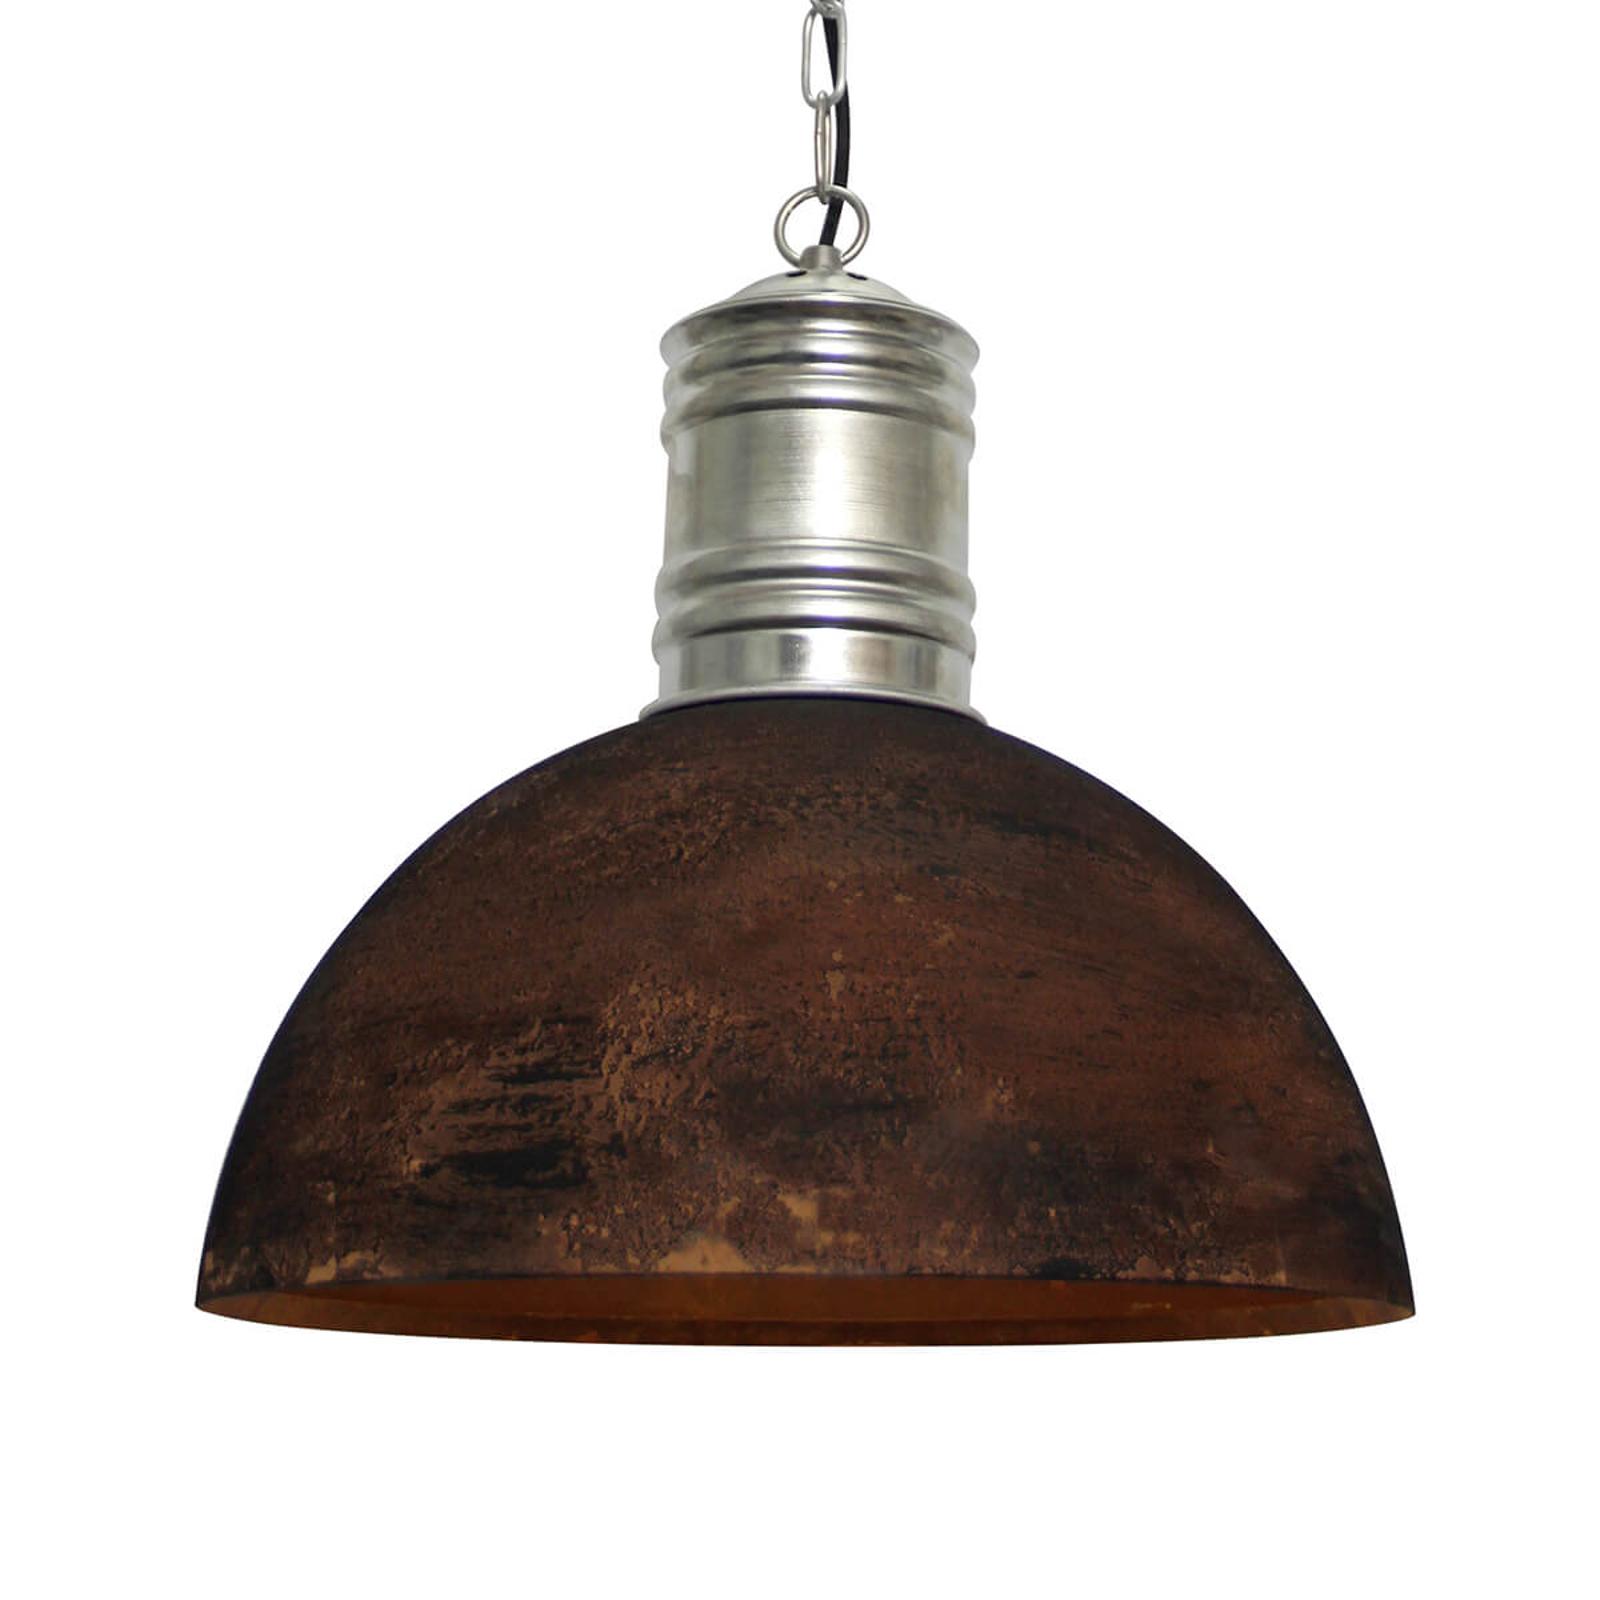 Roest-zwarte hanglamp Frieda